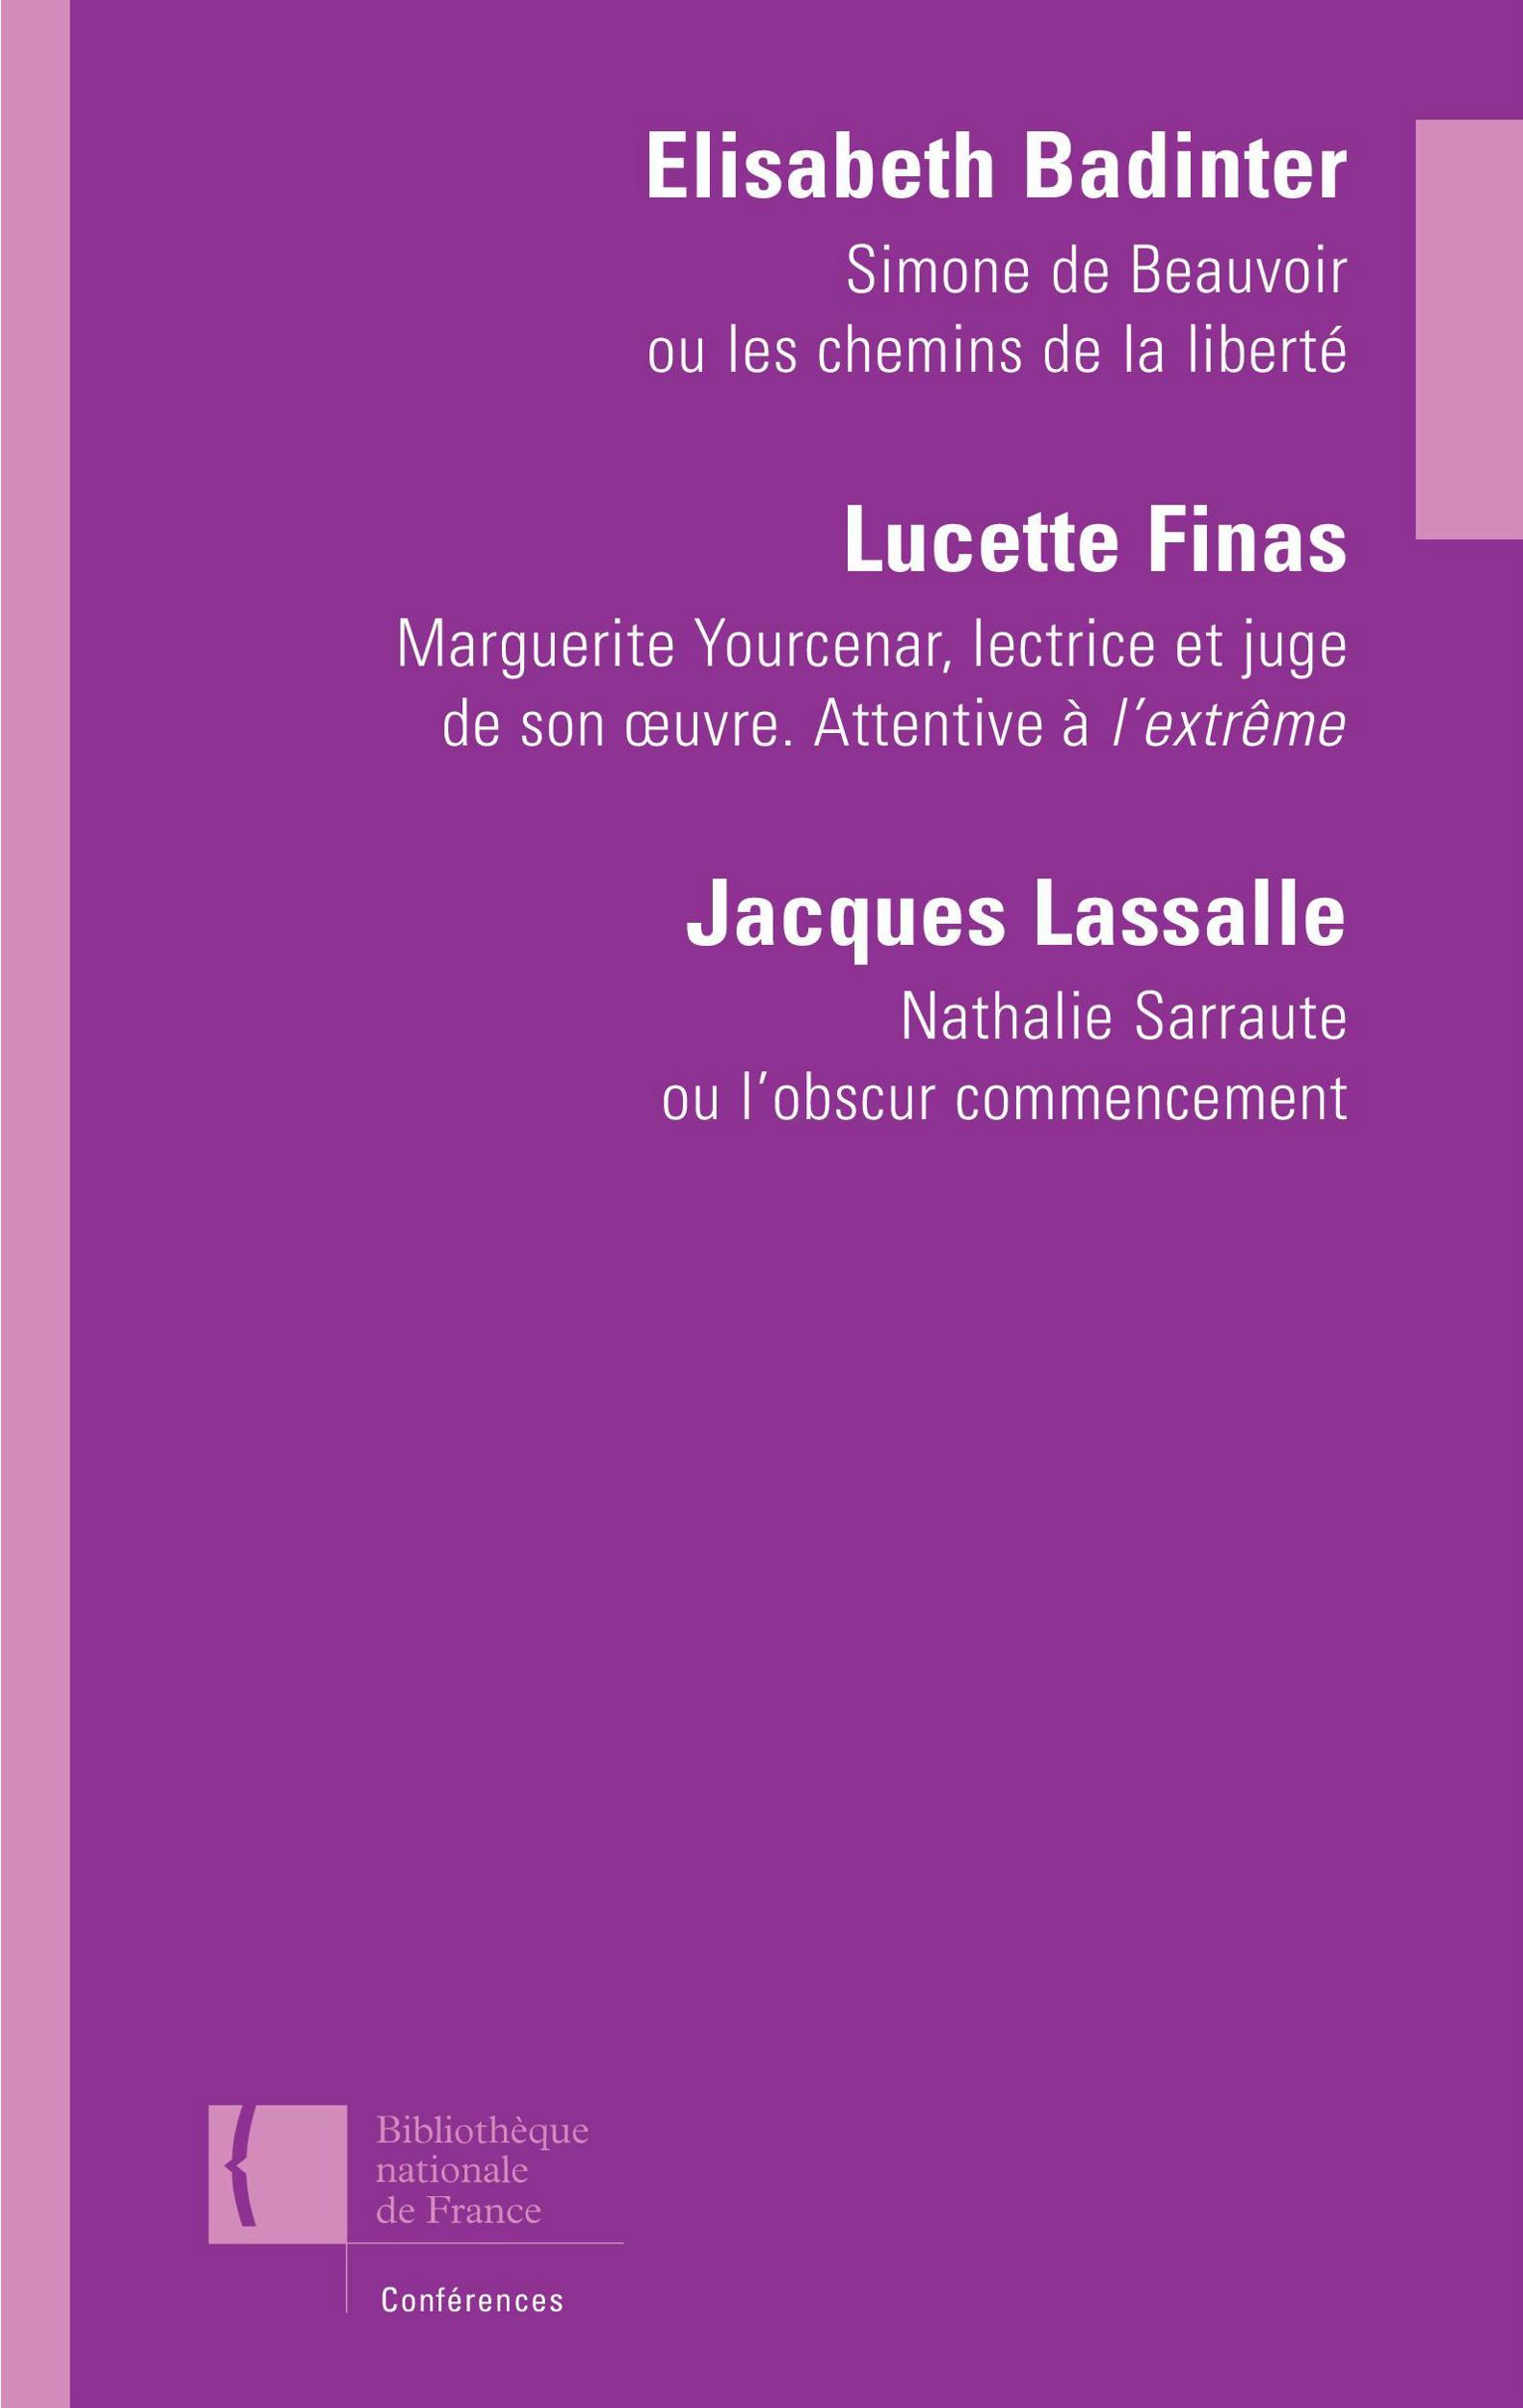 Trois conférences, SIMONE DE BEAUVOIR, MARGUERITE YOURCENAR, NATHALIE SARRAUTE